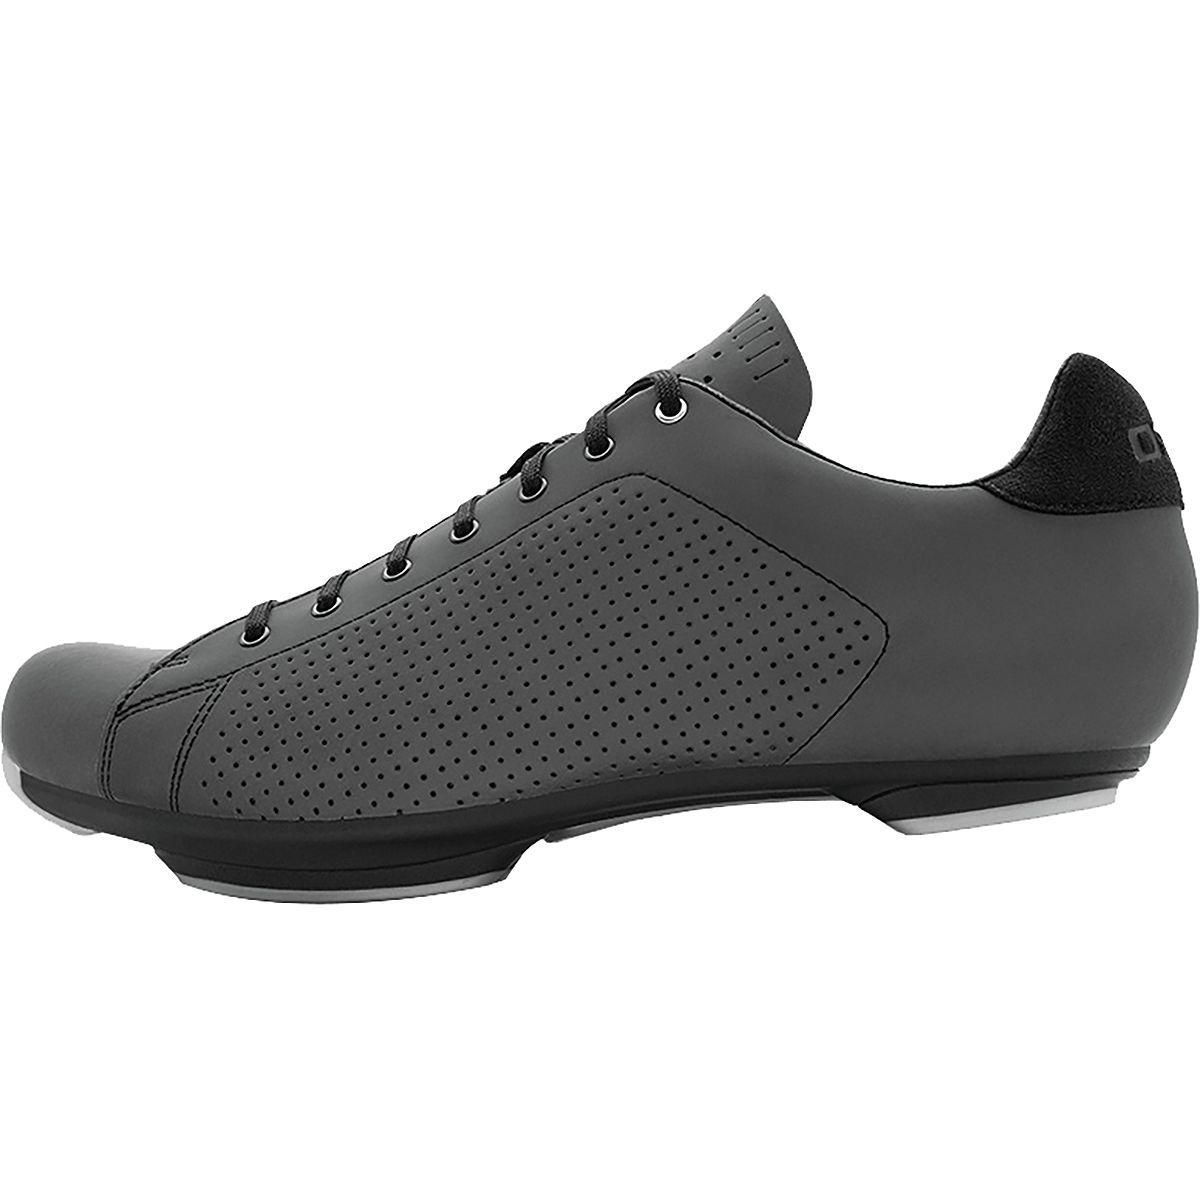 Giro Republic LX R Cycling Shoe - Men's